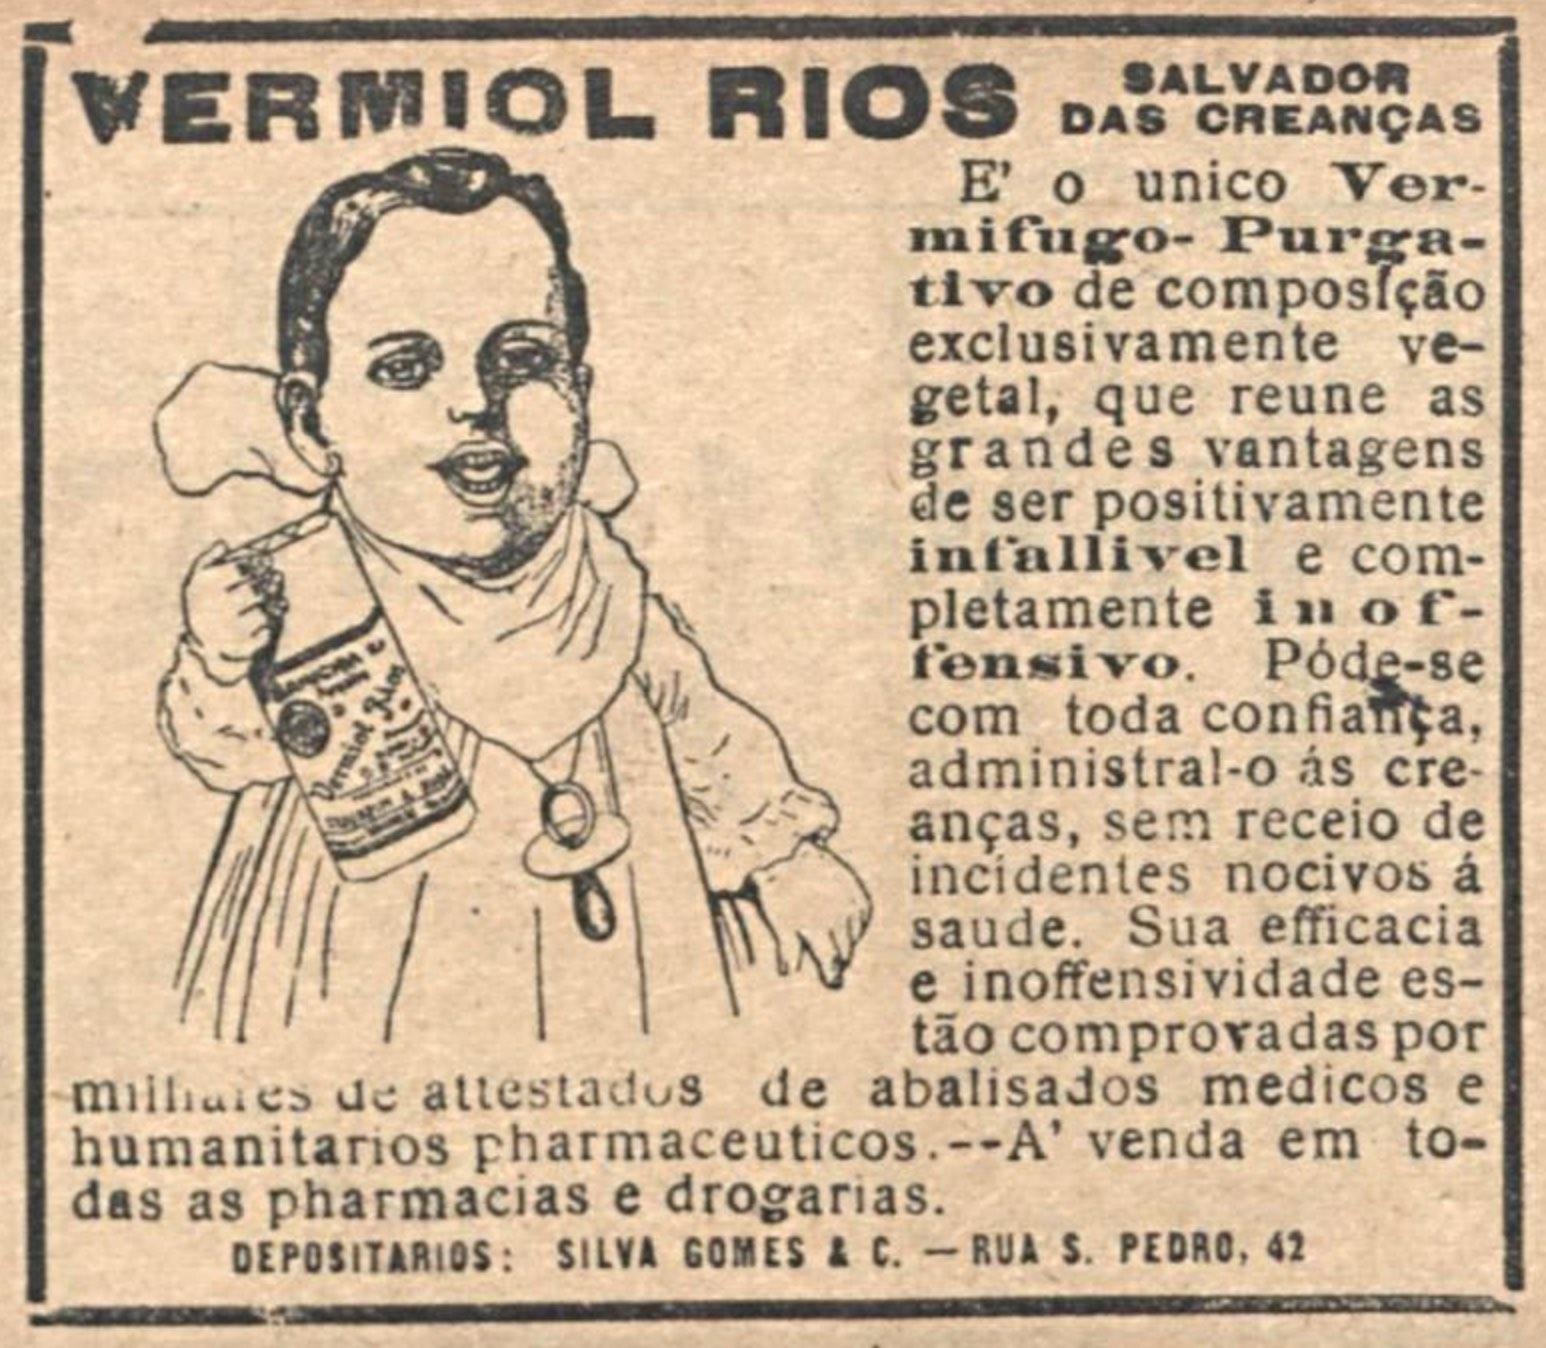 Anúncio veiculado em 1918 promovia o Vermífugo Rios para crianças